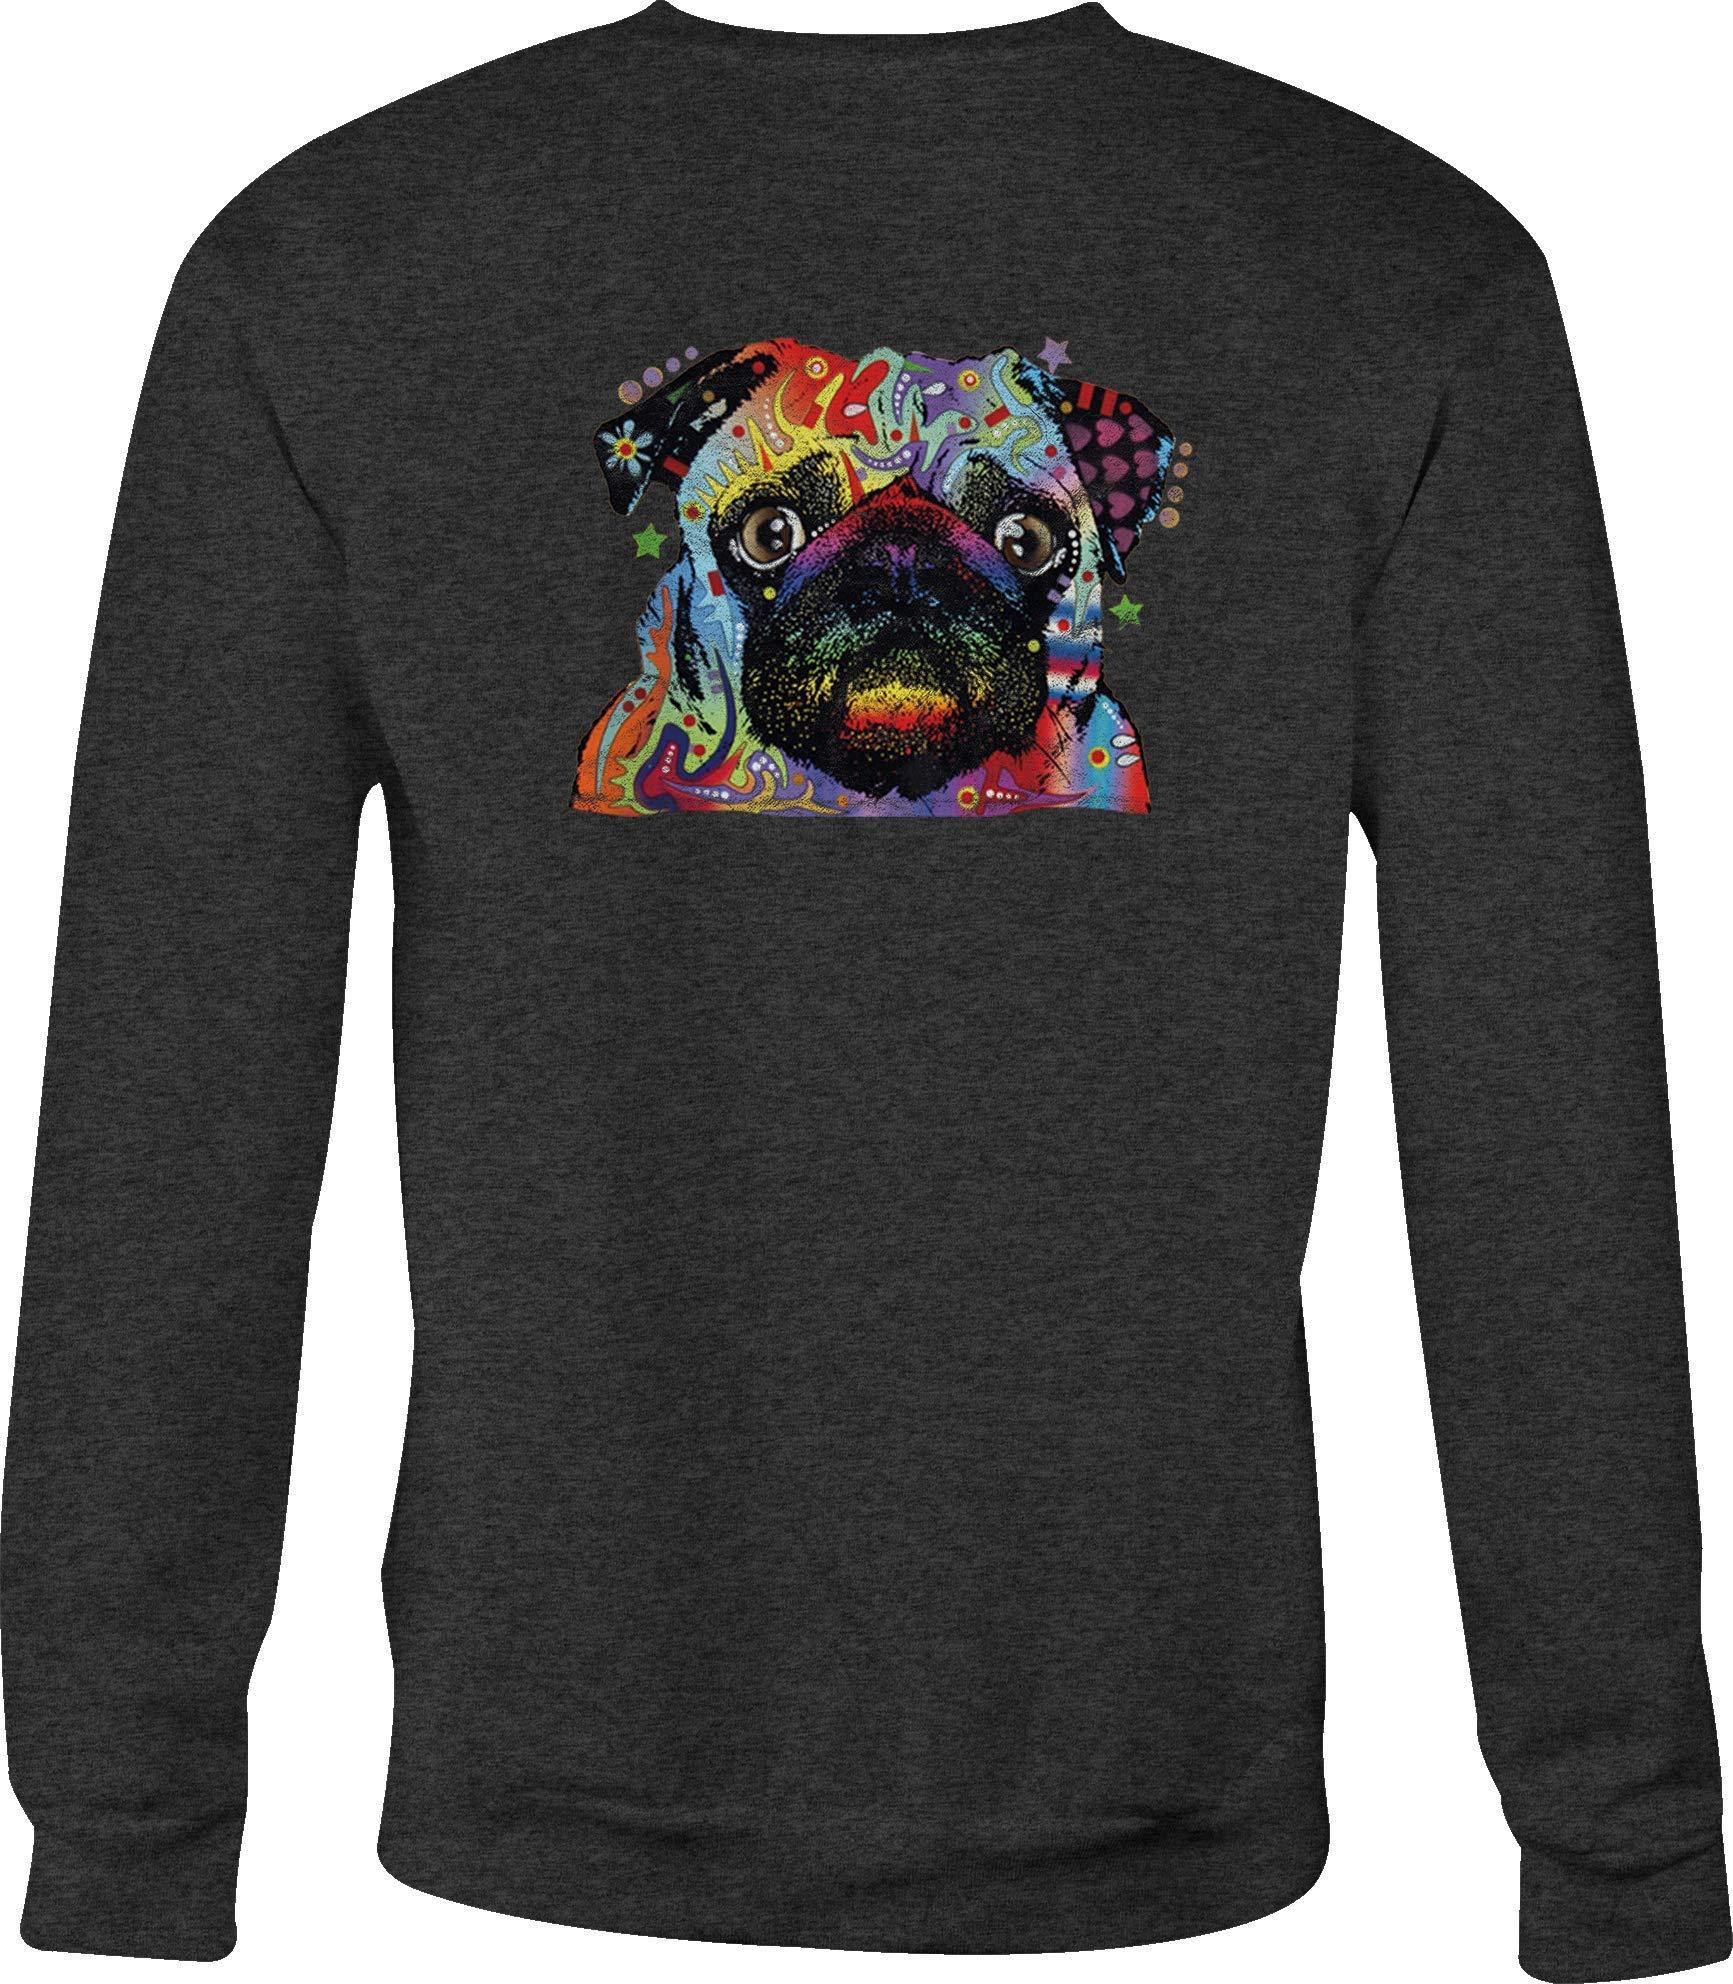 Hoody Skull Crewneck Pug Dog For Or 8976 Shirts